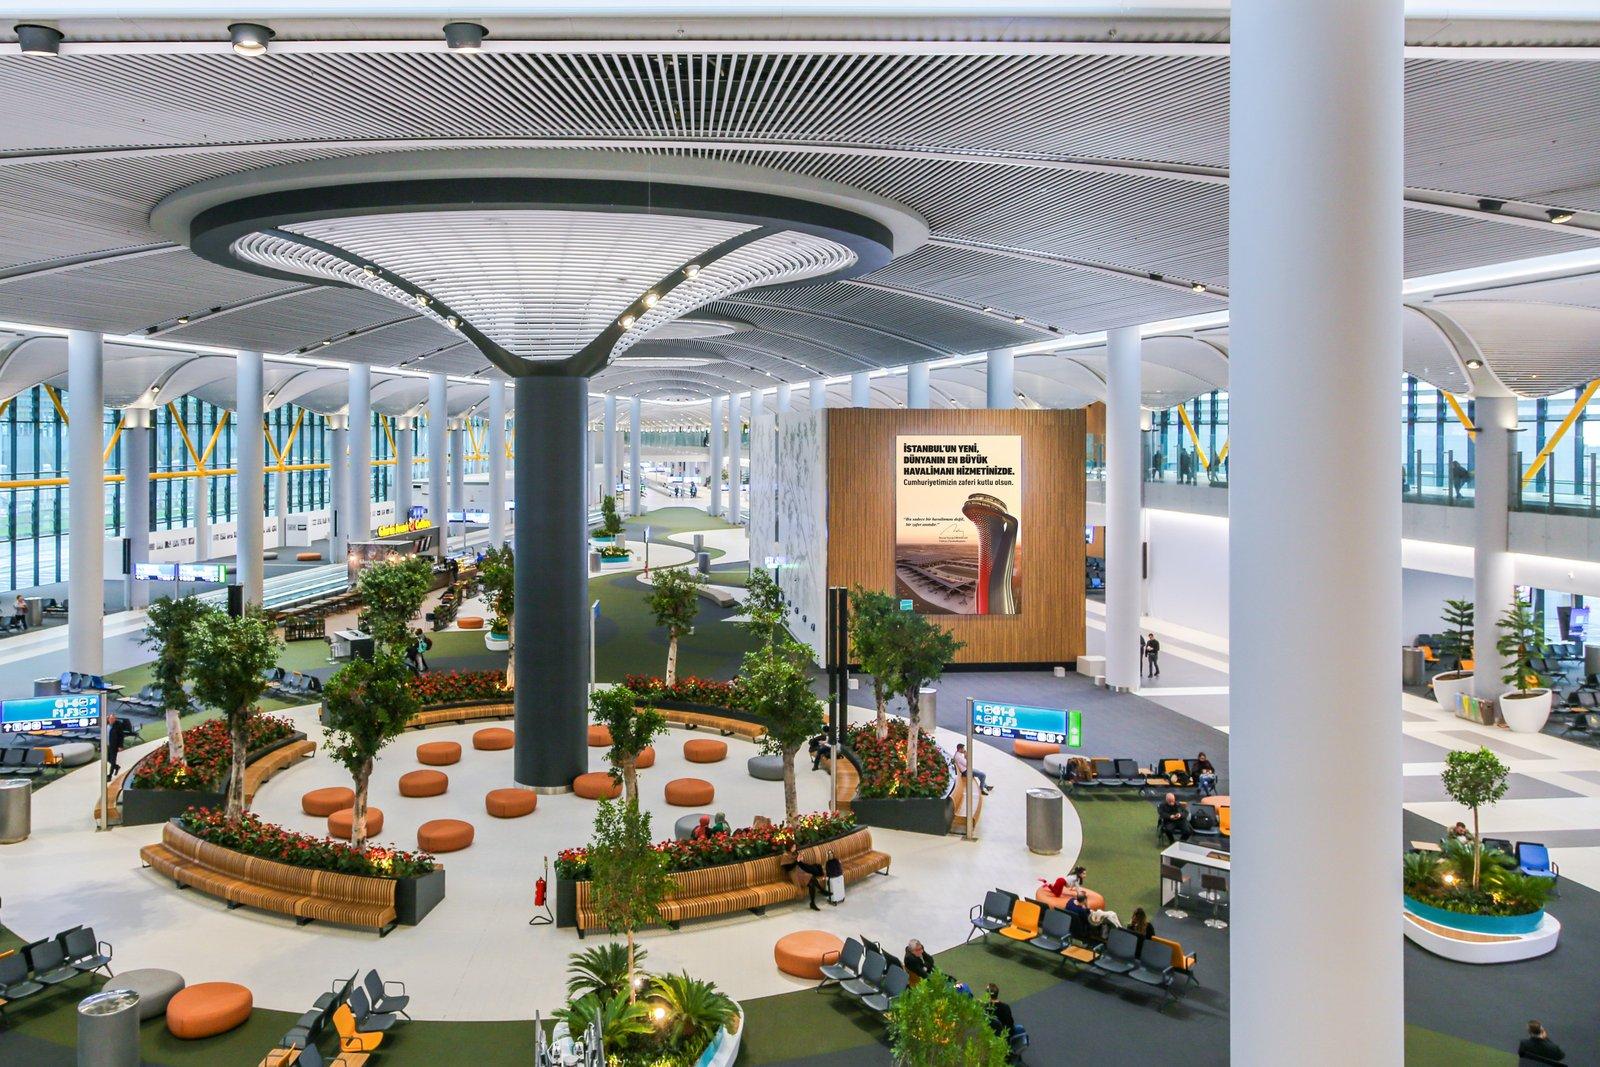 flughafen istanbul terminals